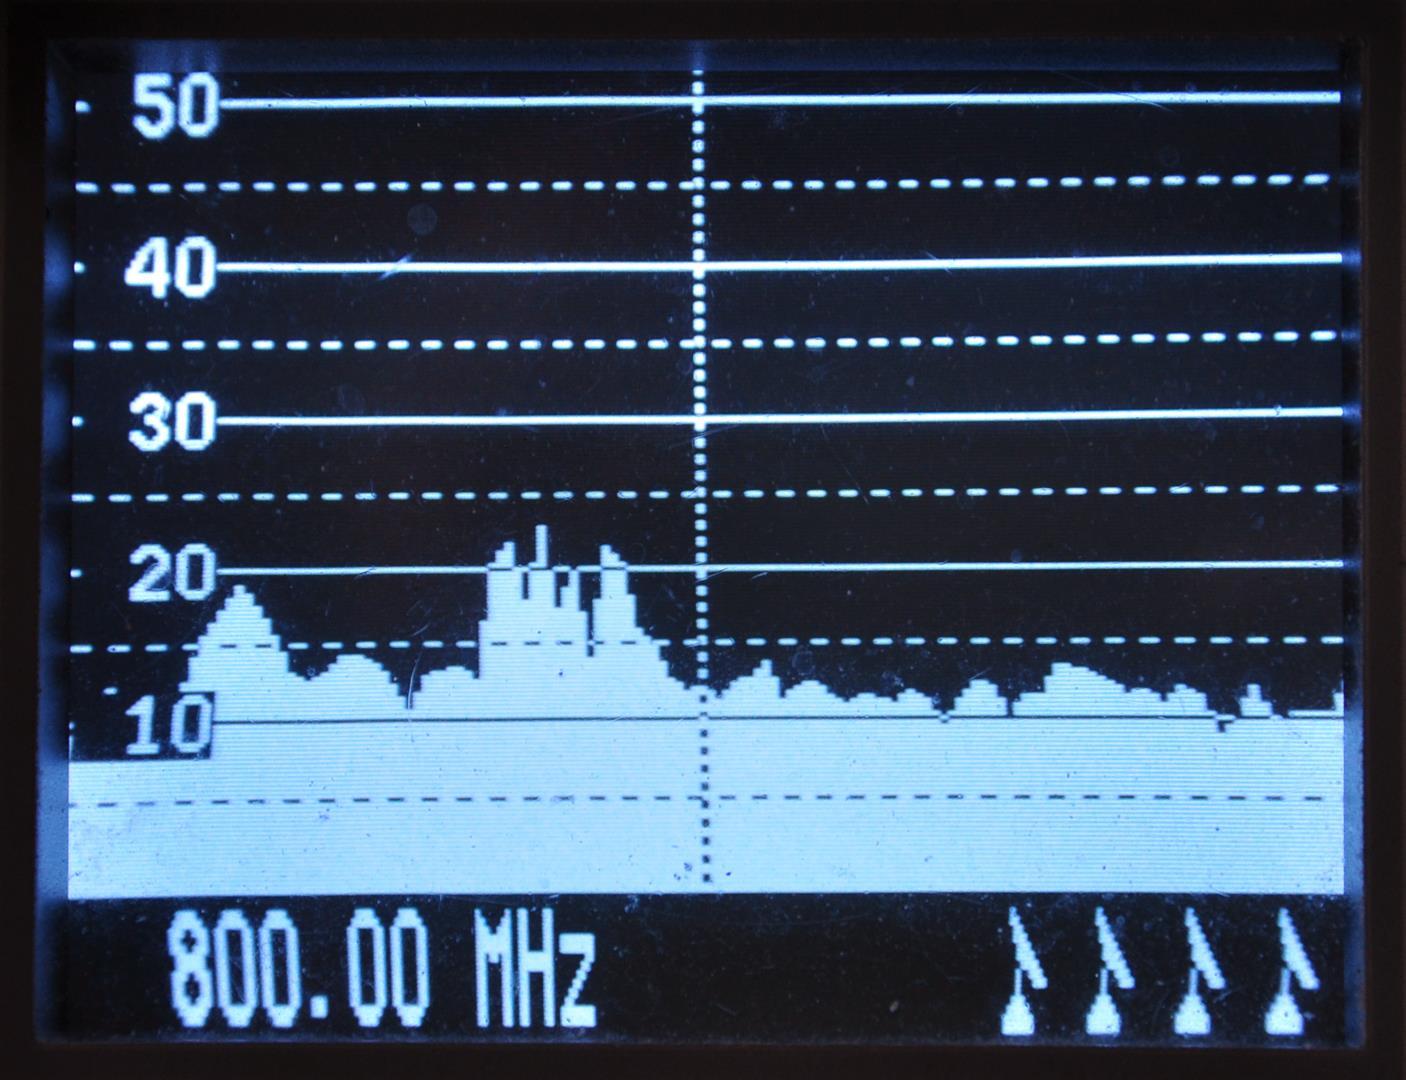 20140813-boxer-5208-800-mhz-med-filter